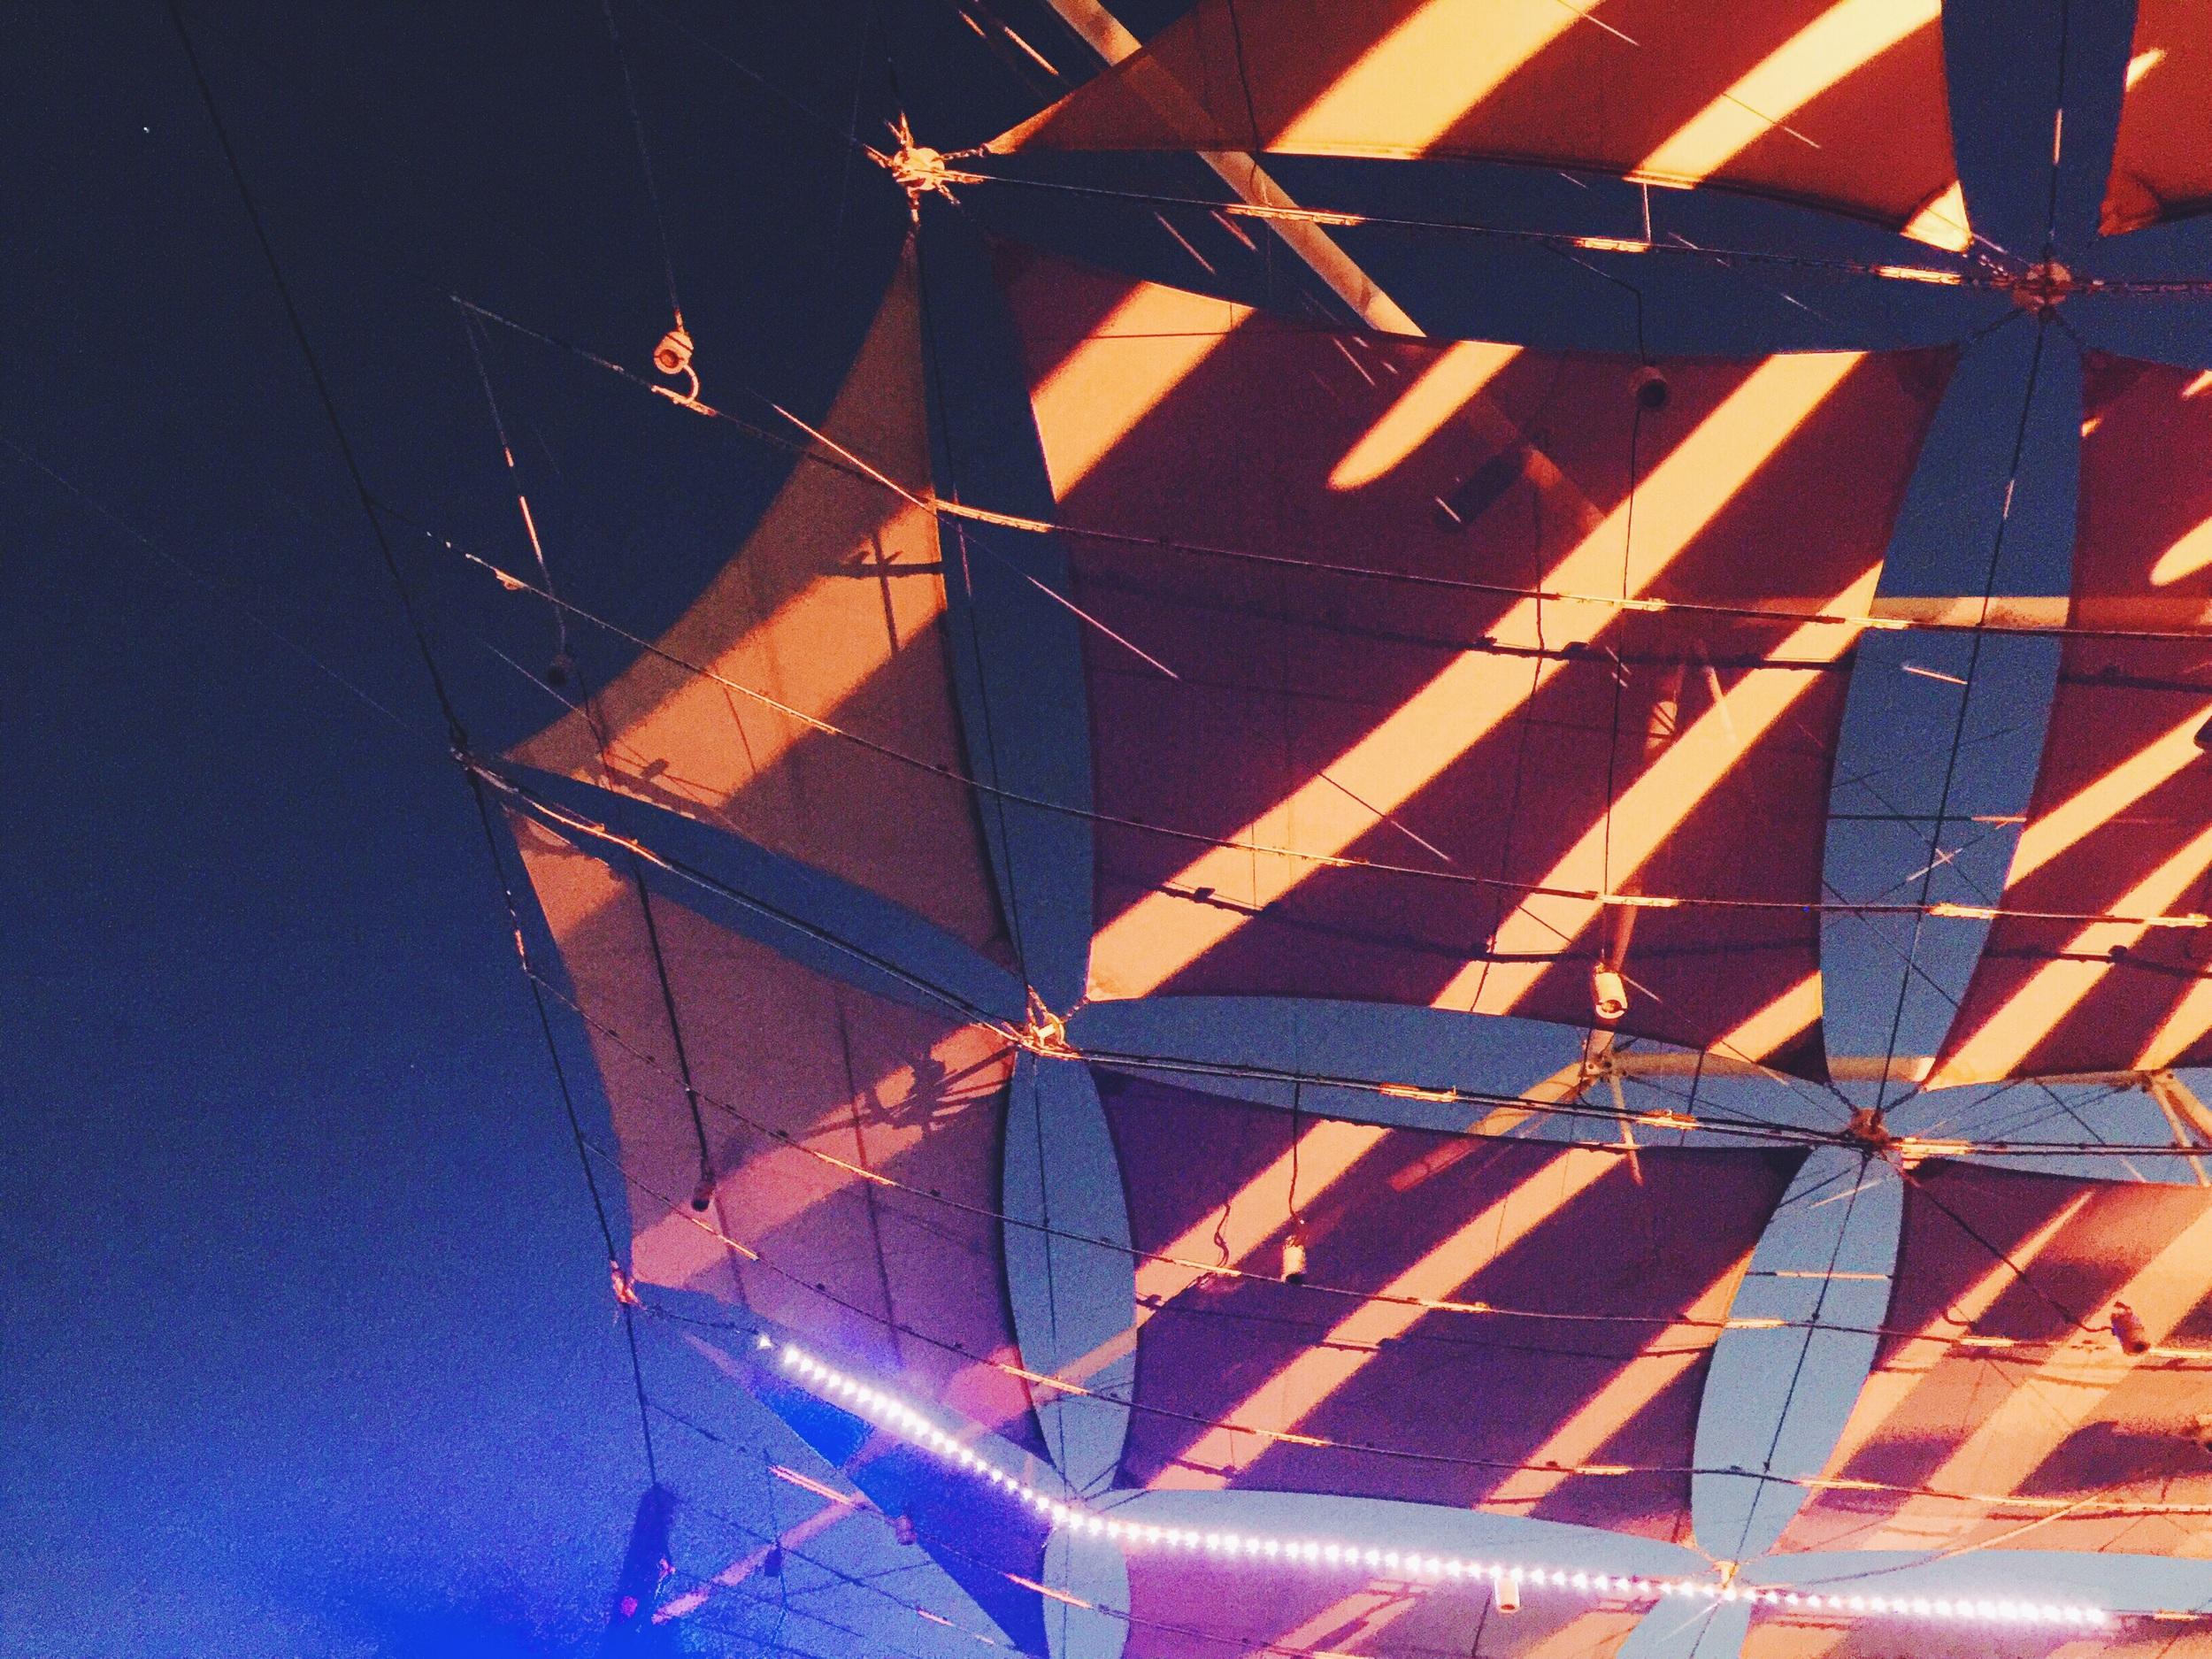 Looking up over the dancefloor